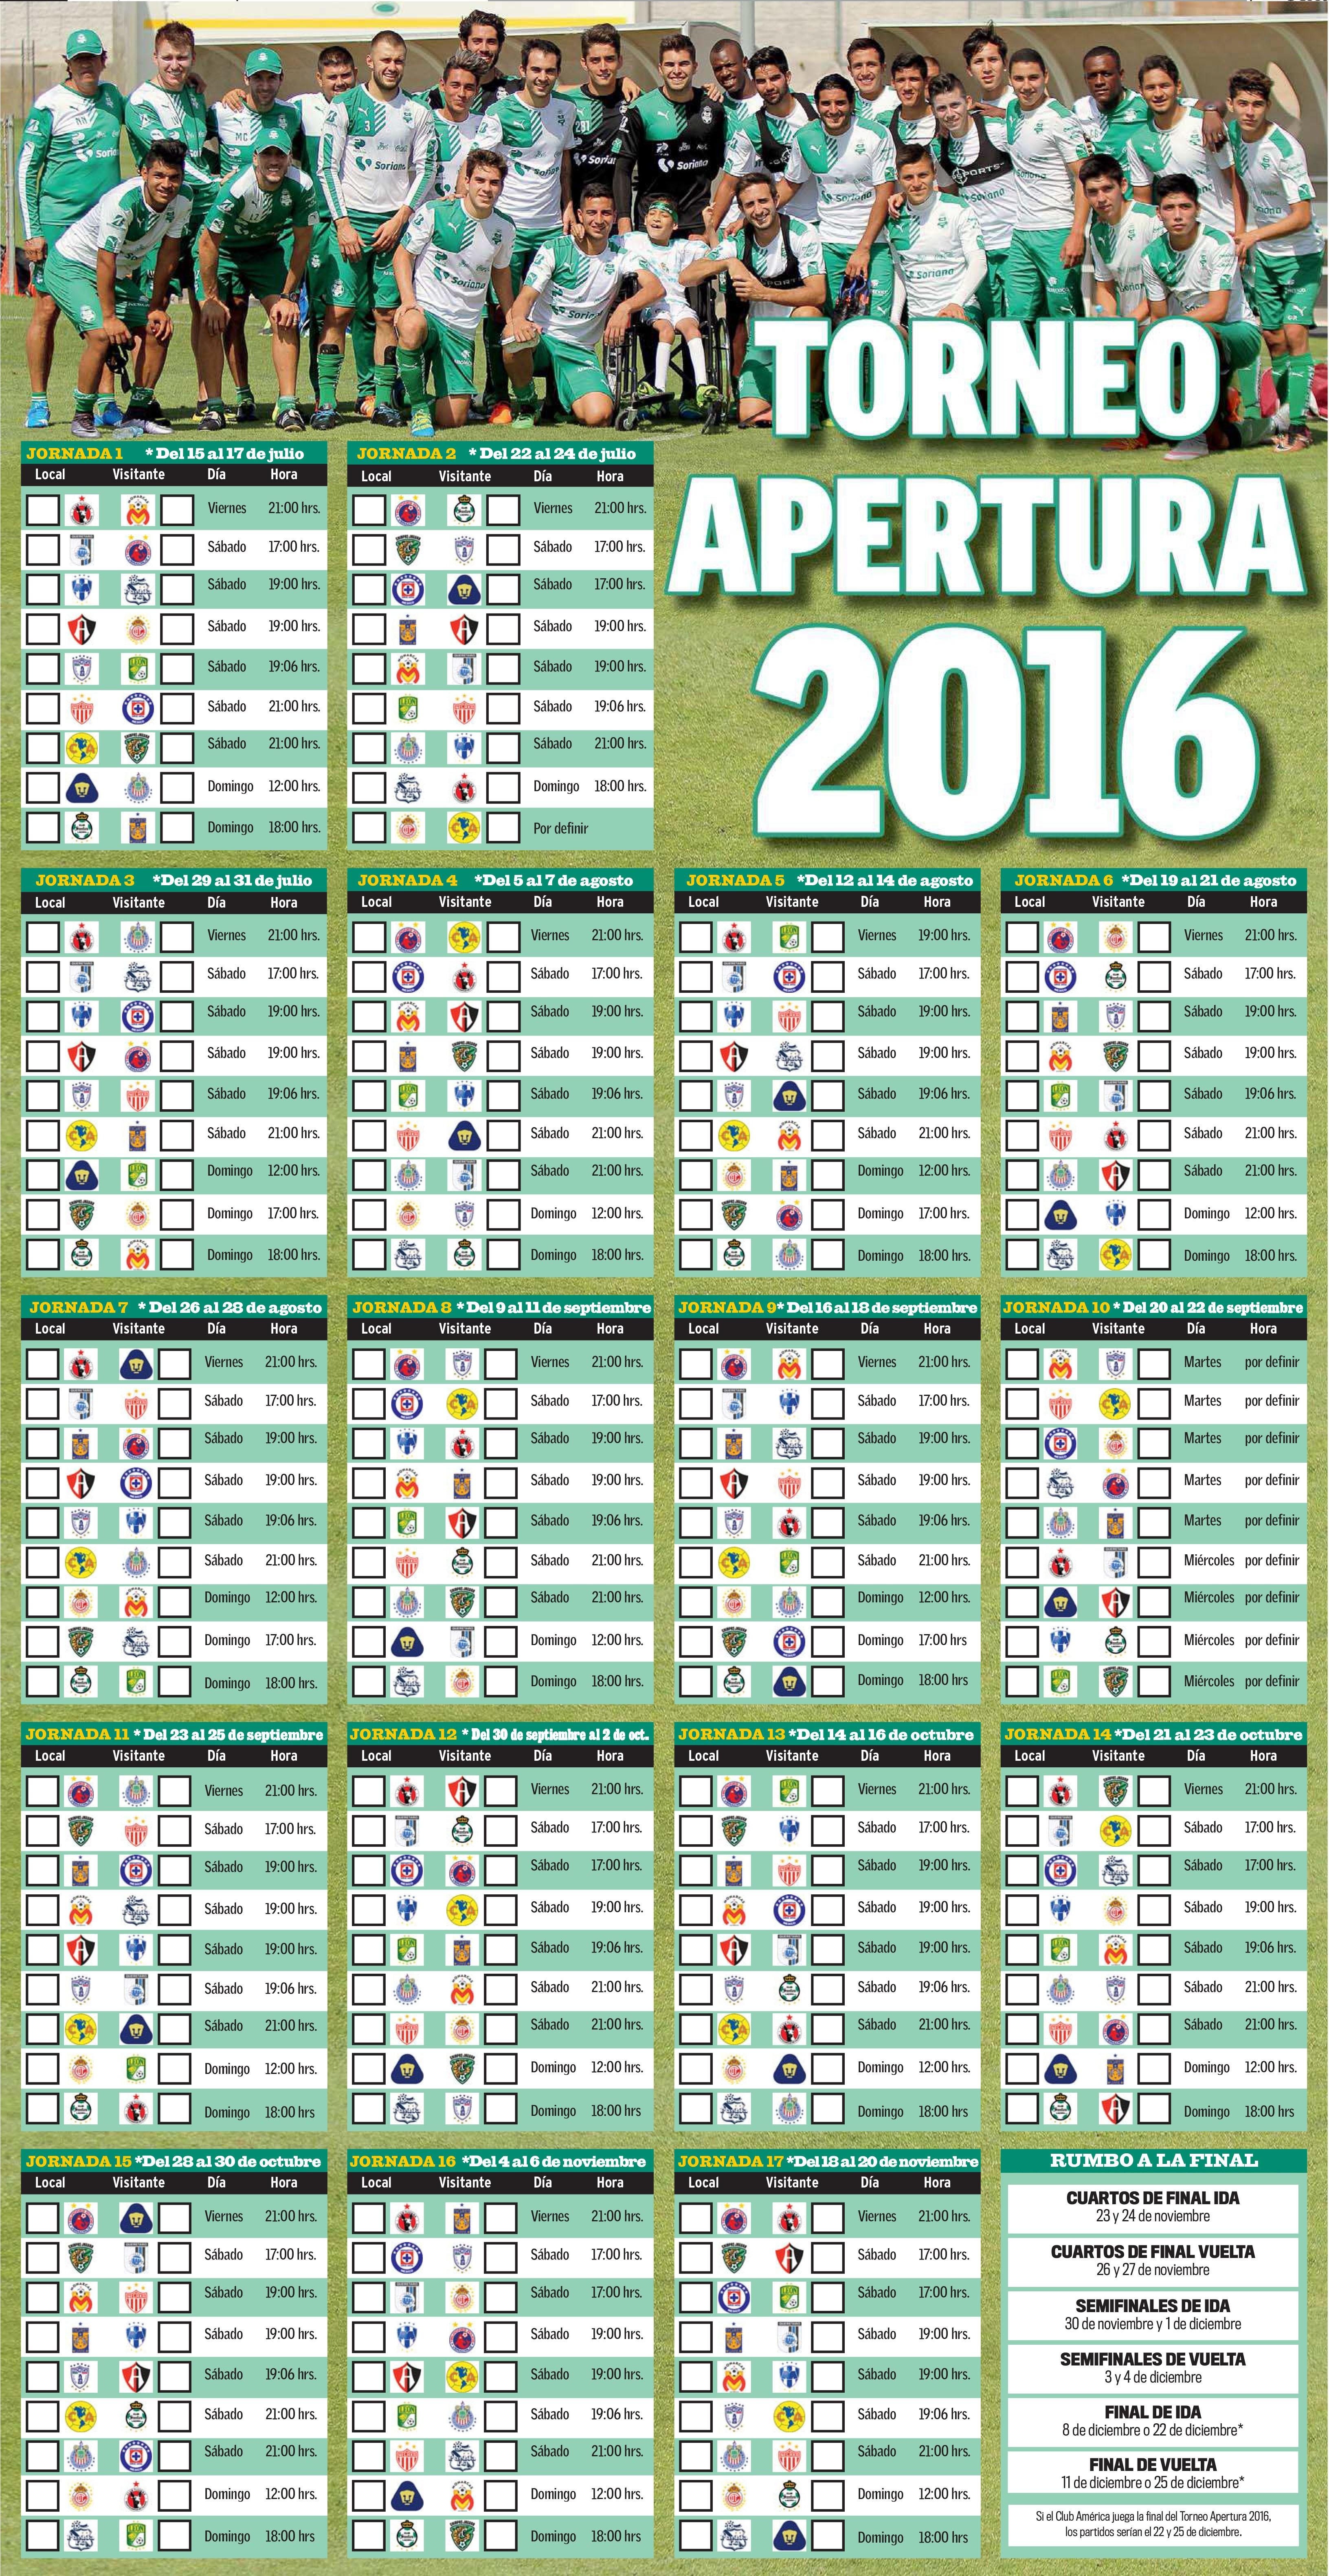 Calendario Escolar 2019 Durango Mejores Y Más Novedosos Calendario torneo Apertura 2016 El Siglo De torre³n Of Calendario Escolar 2019 Durango Más Actual Calaméo Diario De Noticias De lava